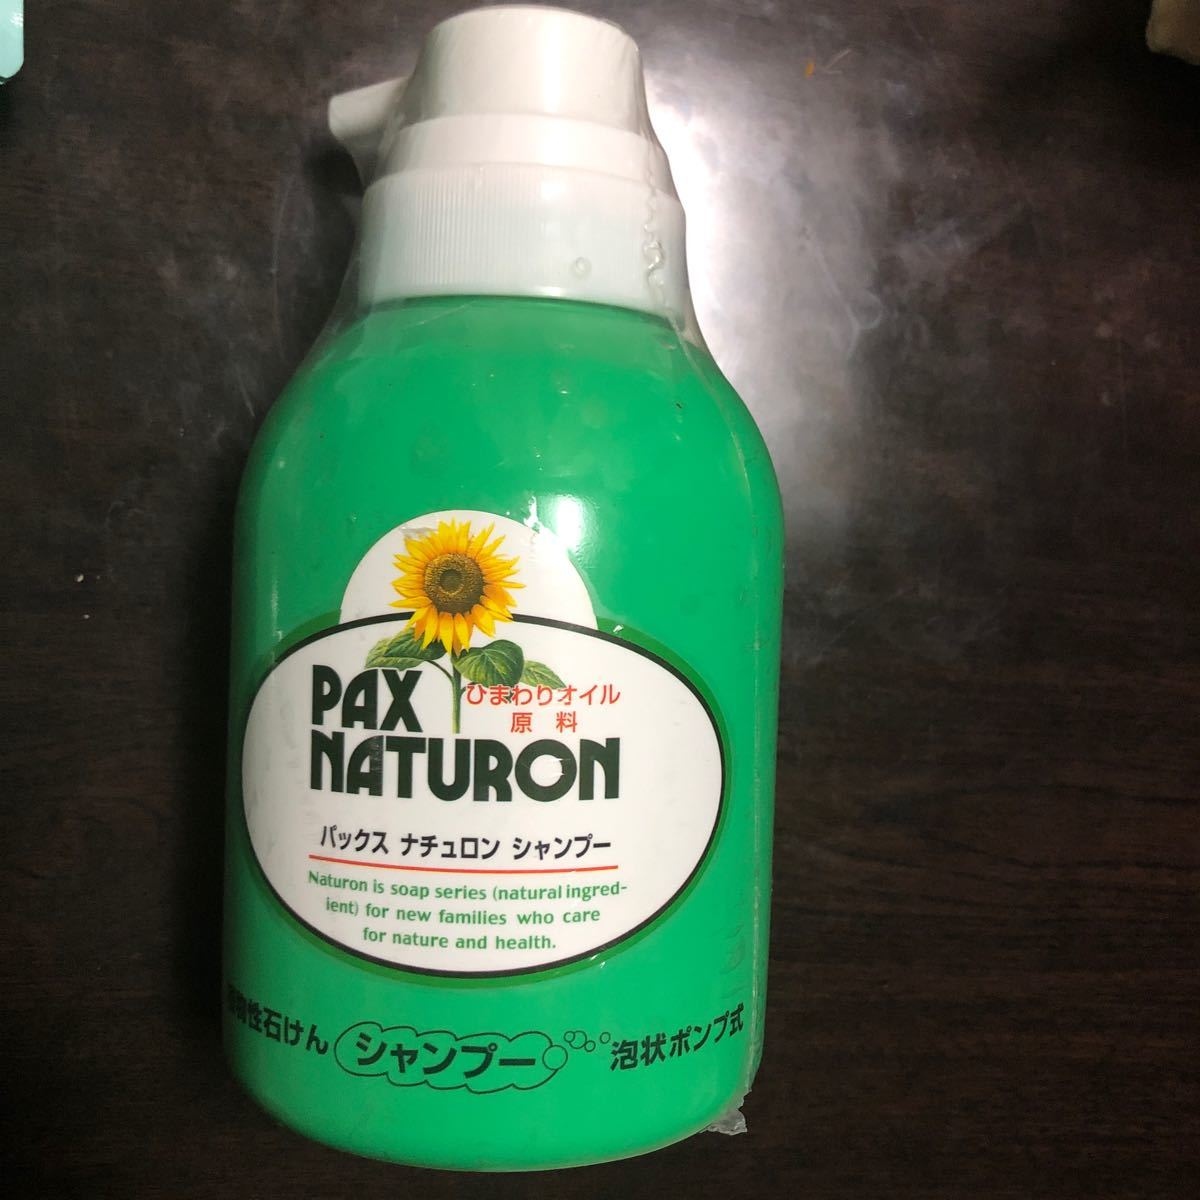 パックスナチュロン 太陽油脂 詰め替え用 泡状ポンプ シャンプー  リンス 送料無料